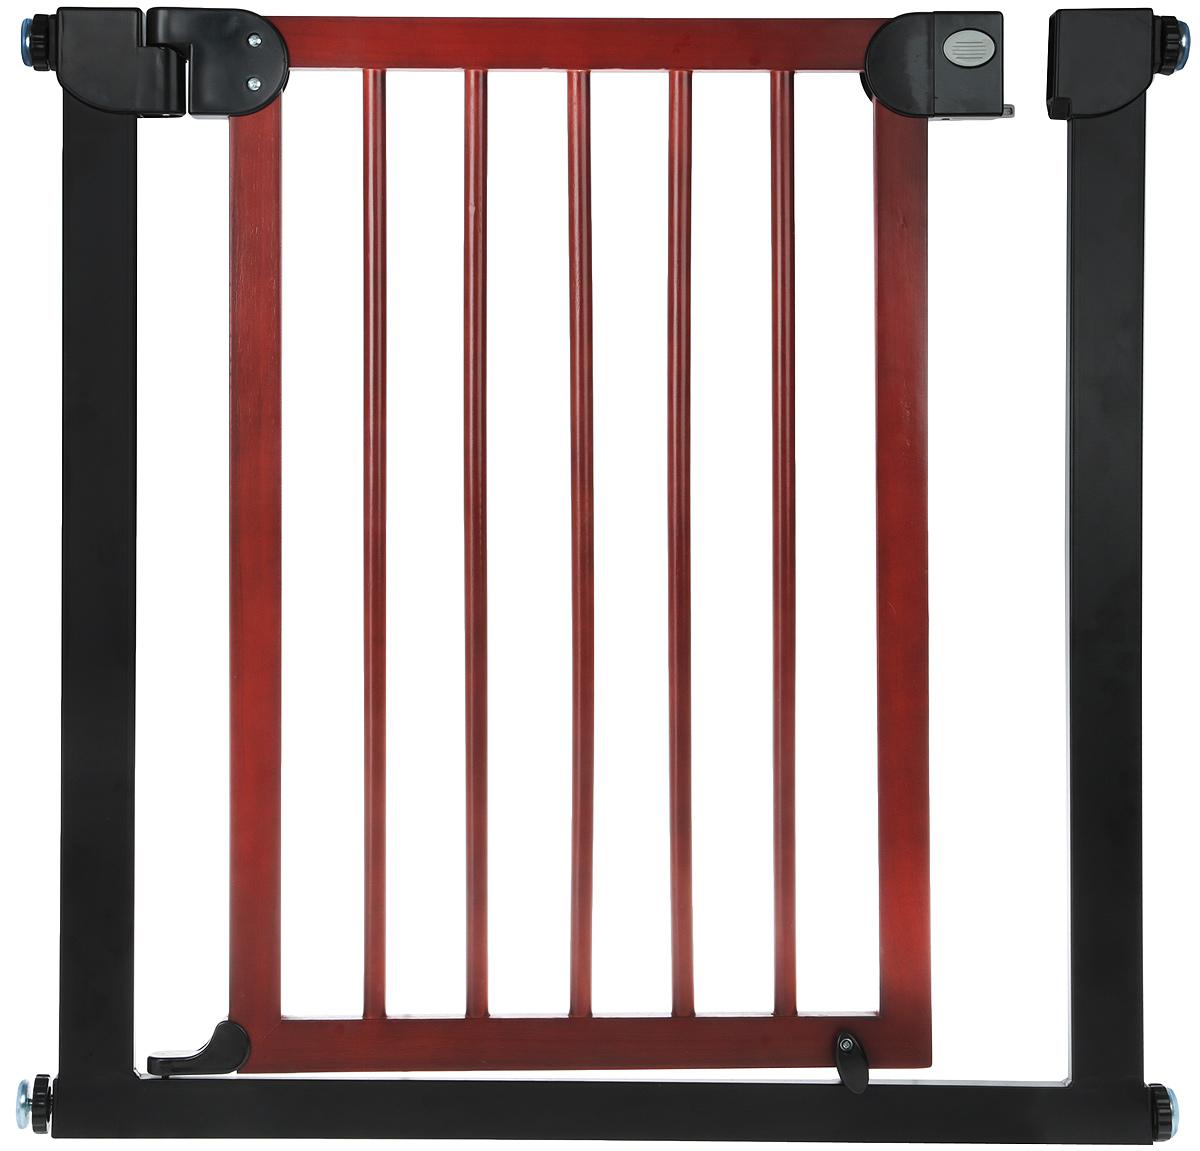 Baby Safe Барьер-калитка для дверного проема 75-85 см цвет черный -  Блокирующие и защитные устройства